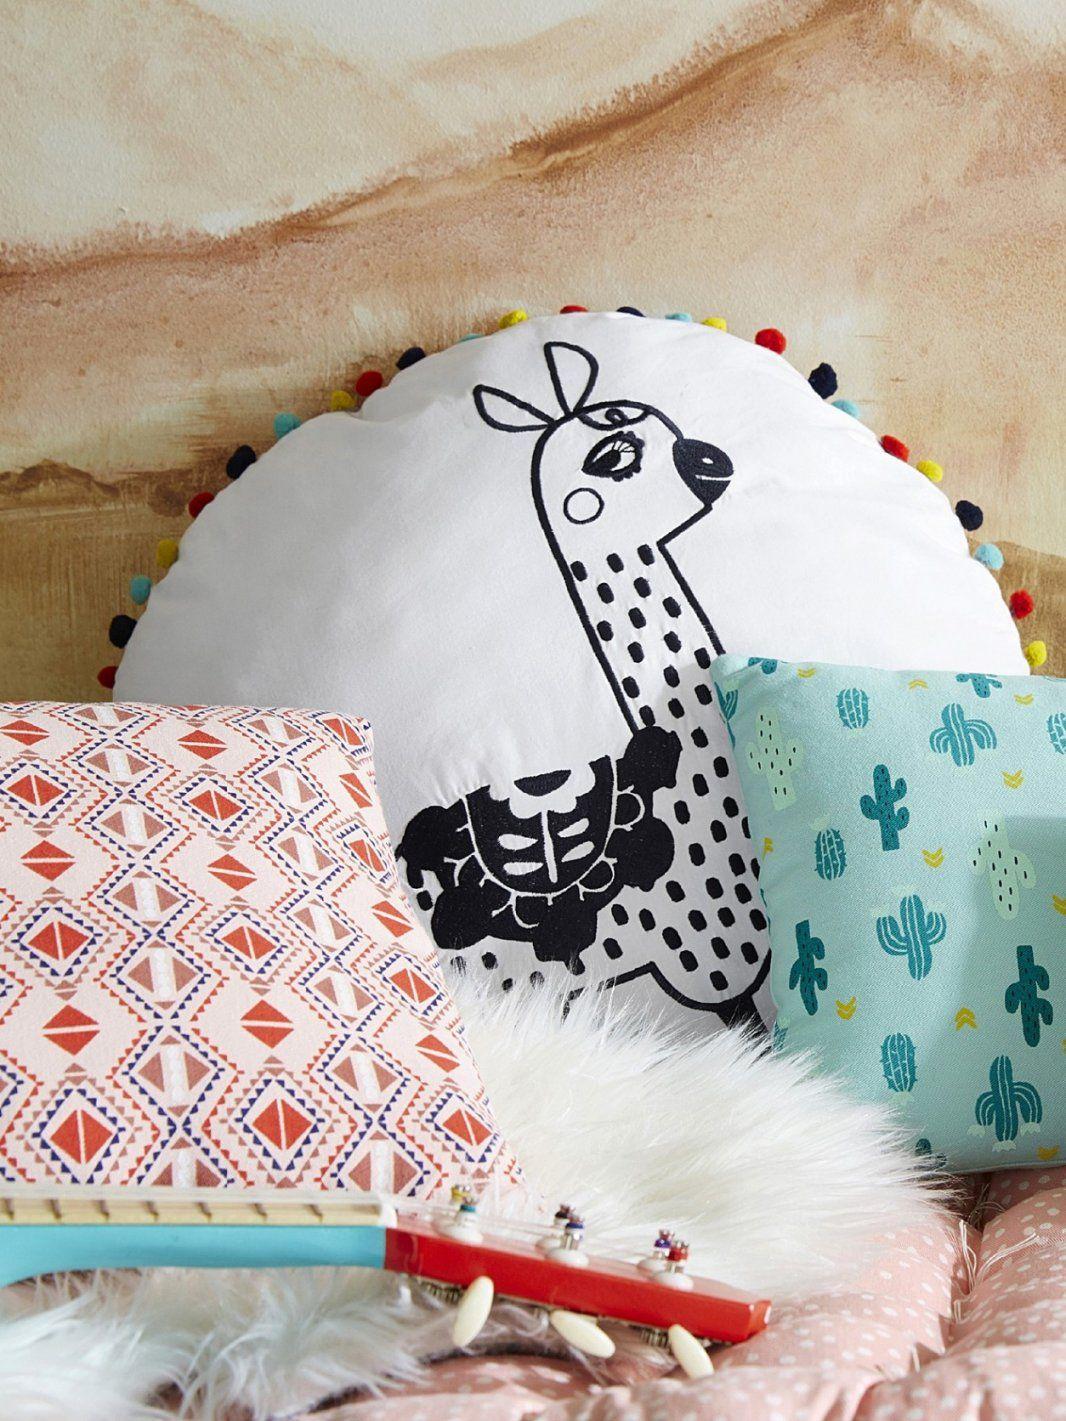 Beeindruckend Kissen Selber Nhen Gallery Einfaches Kissen Mit Nhen von Bettwäsche Selbst Bedrucken Bild